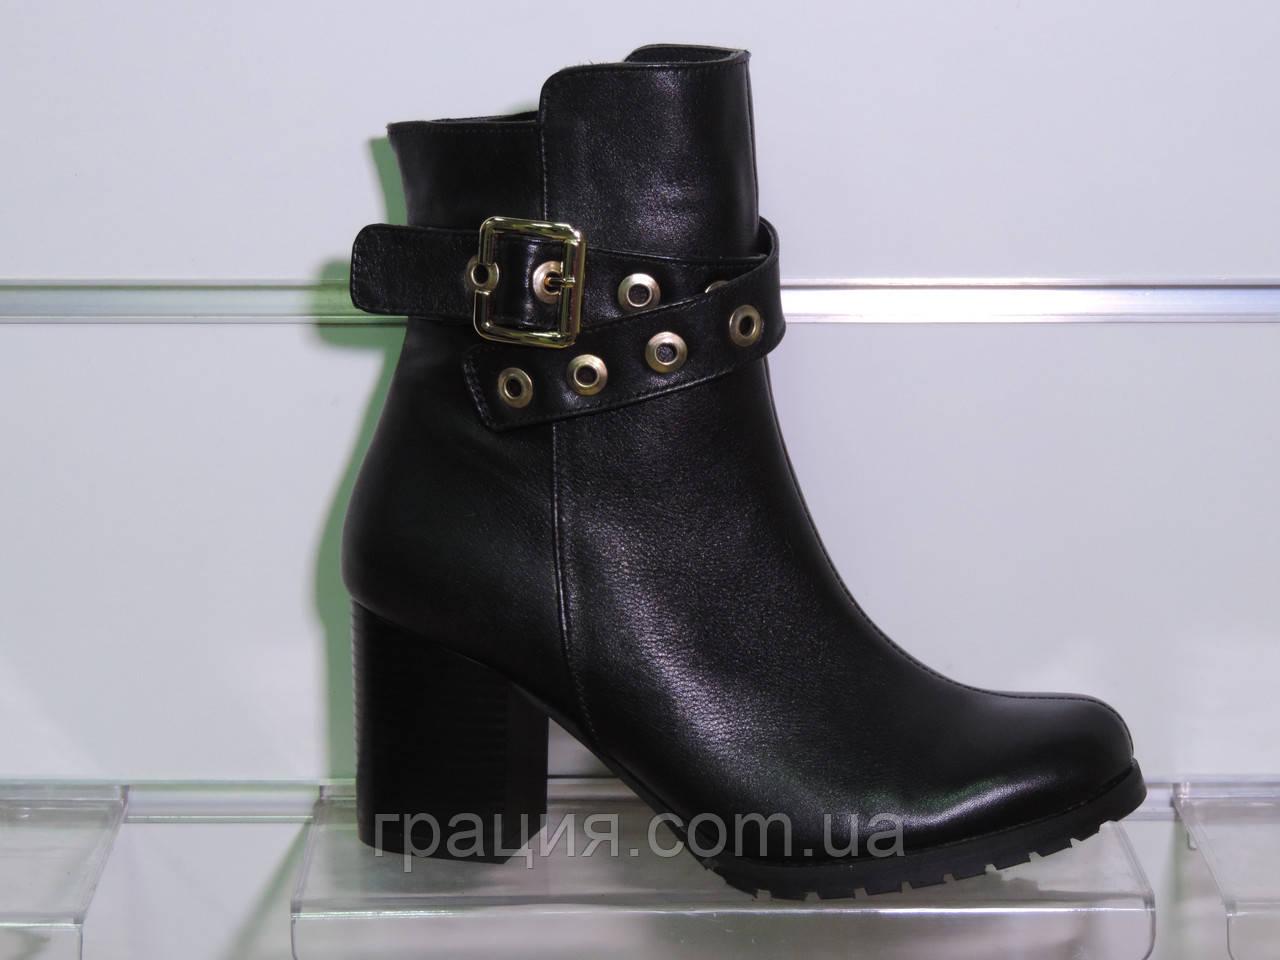 4a4d236d9 Стильные молодежные кожаные ботинки зима: продажа, цена в Конотопе ...